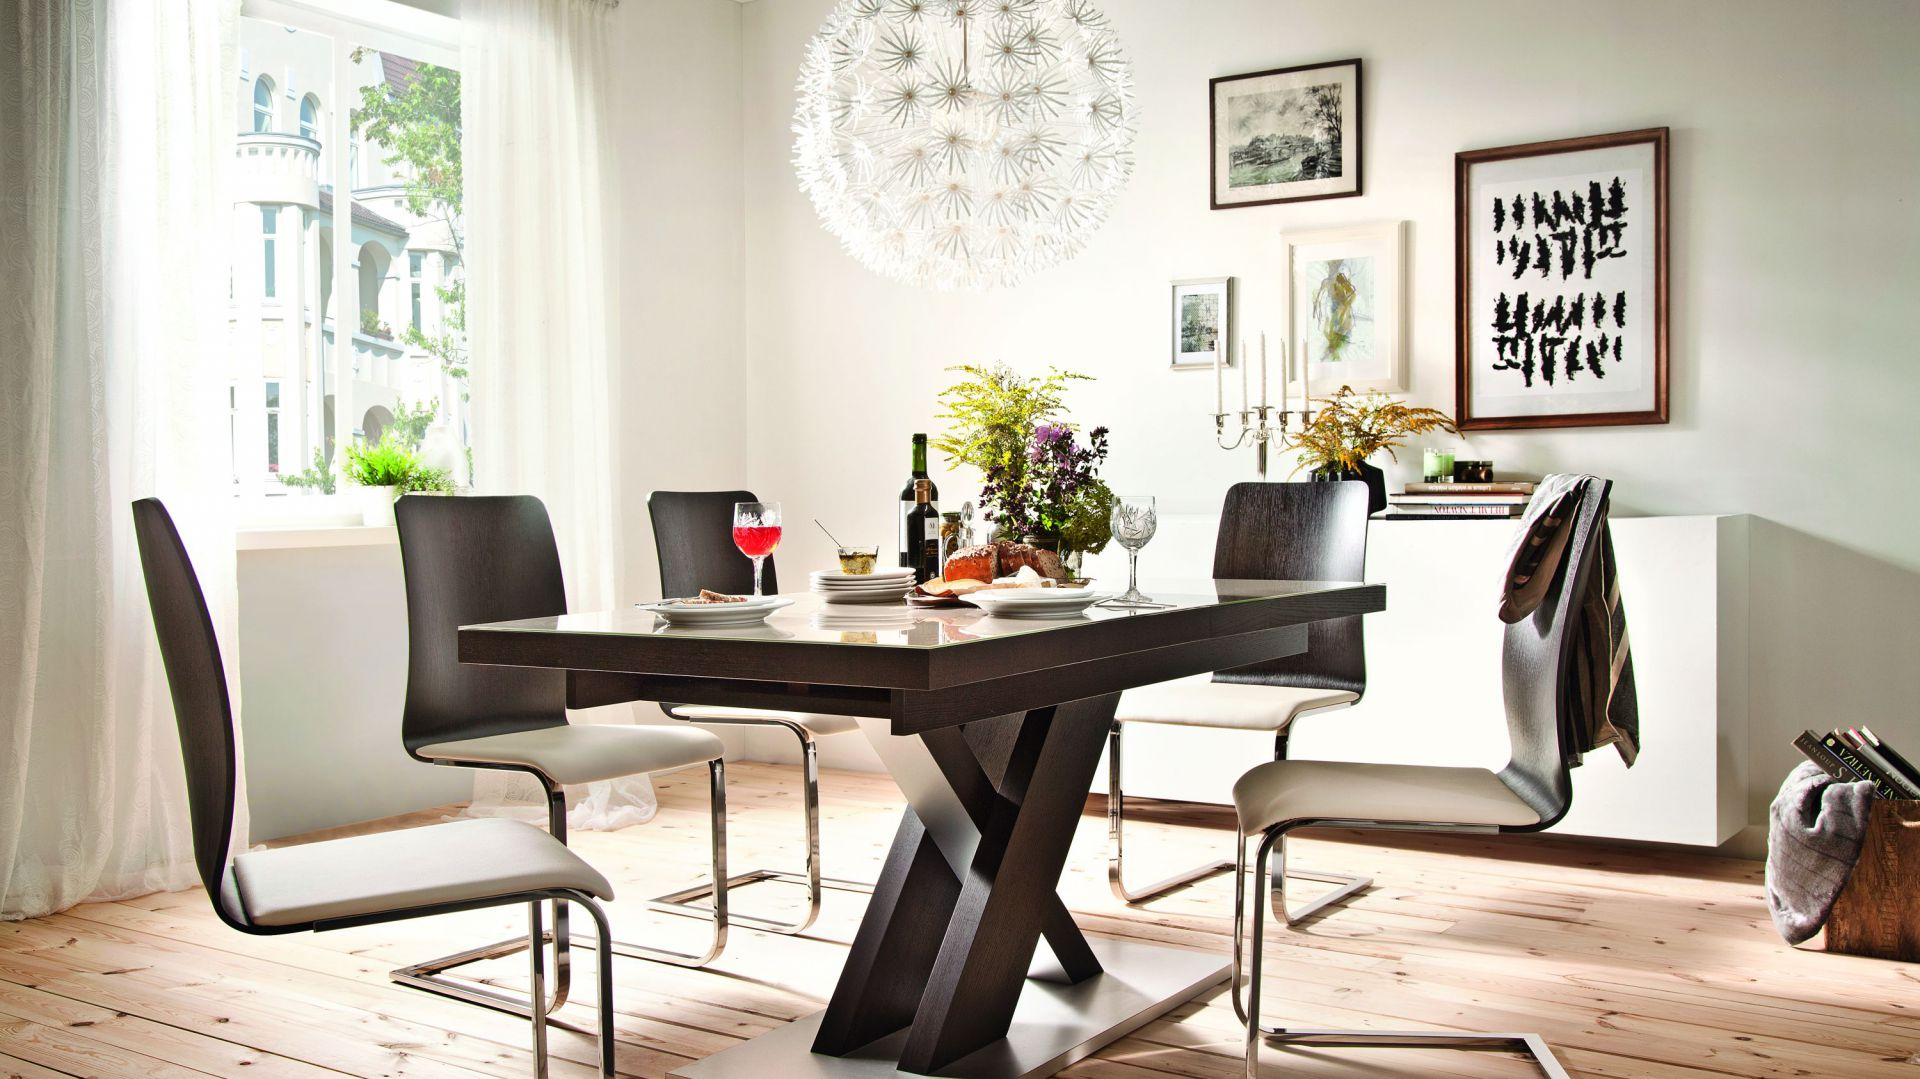 Stół z kolekcji New York ma skrzyżowane nogi. Fot. Paged